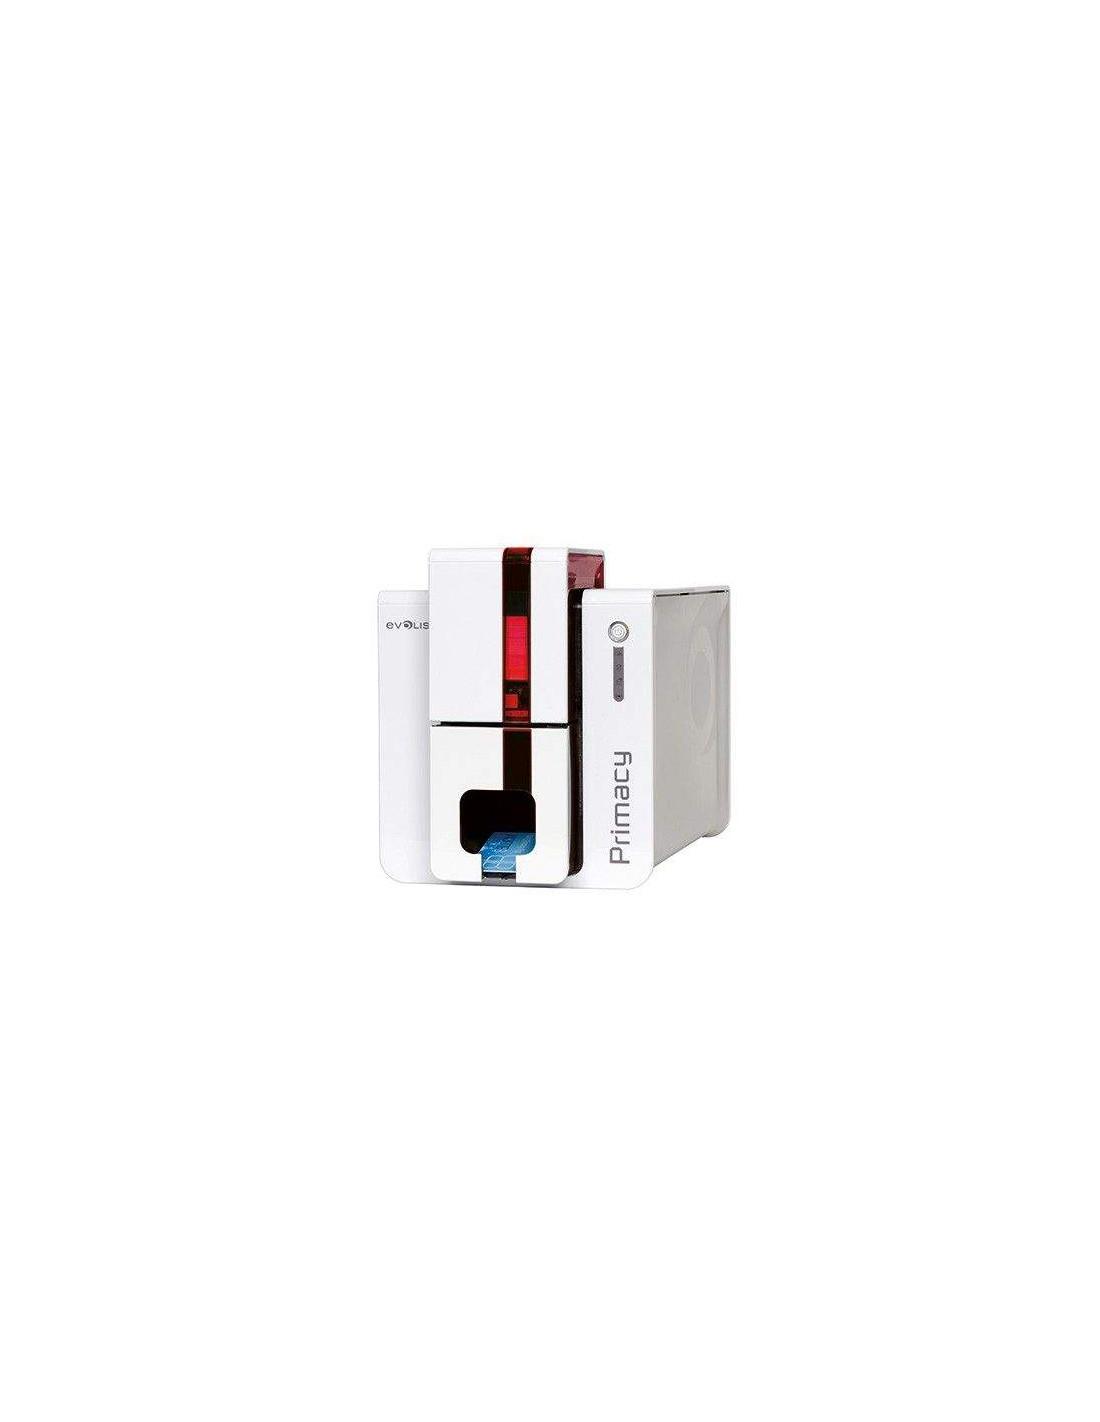 impresoras tarjetas pvc amazon